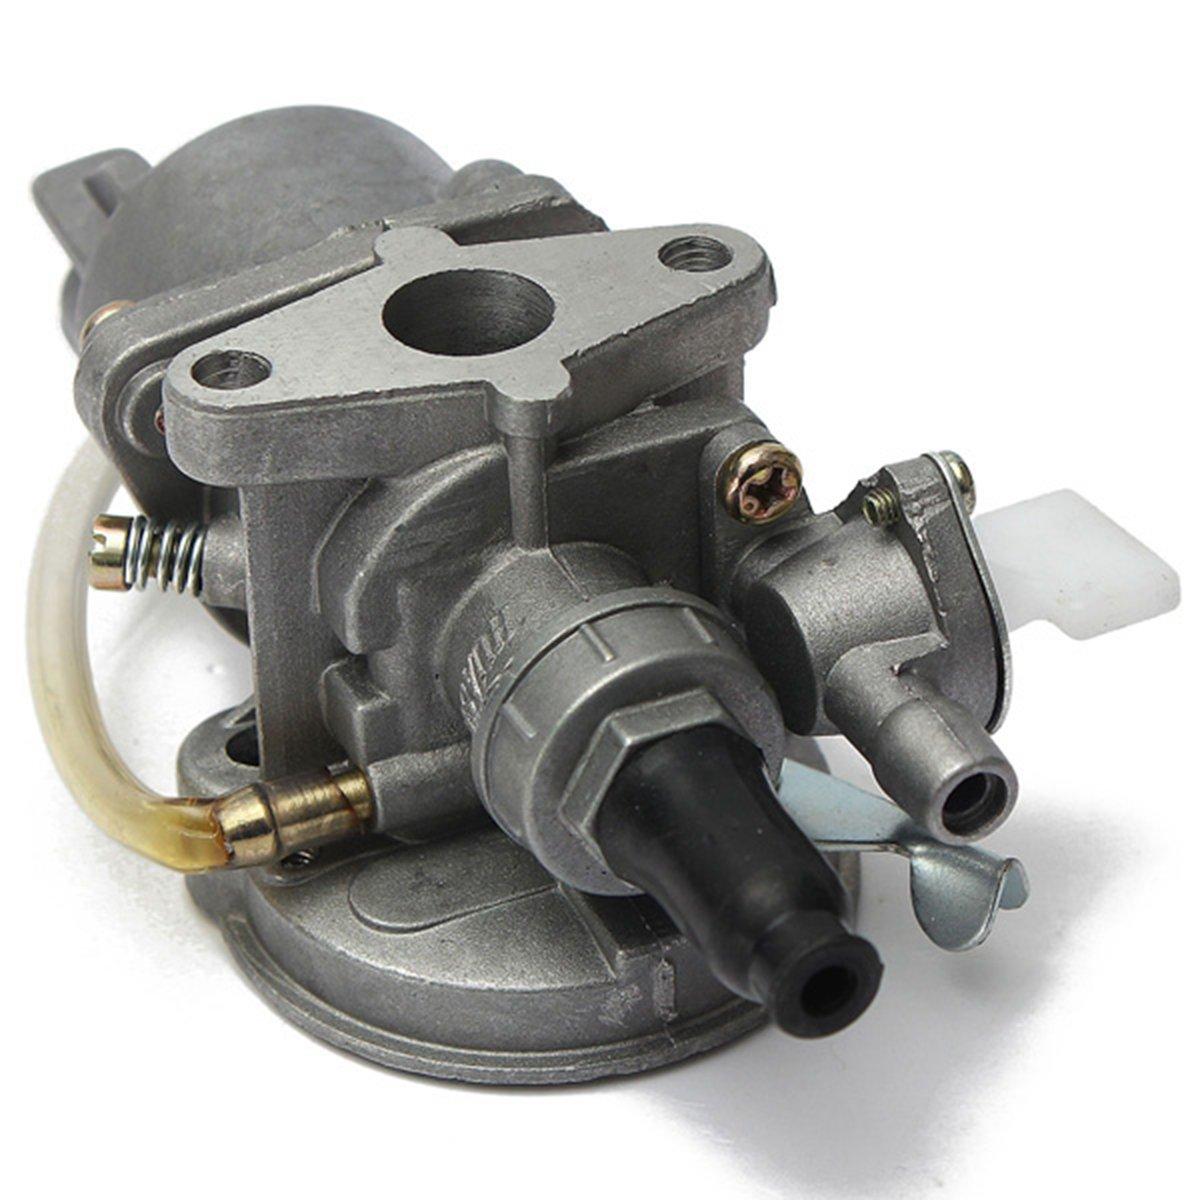 Audew Carburador Para Mini Moto 43cc 47cc 49cc Estandar: Amazon.es: Coche y moto